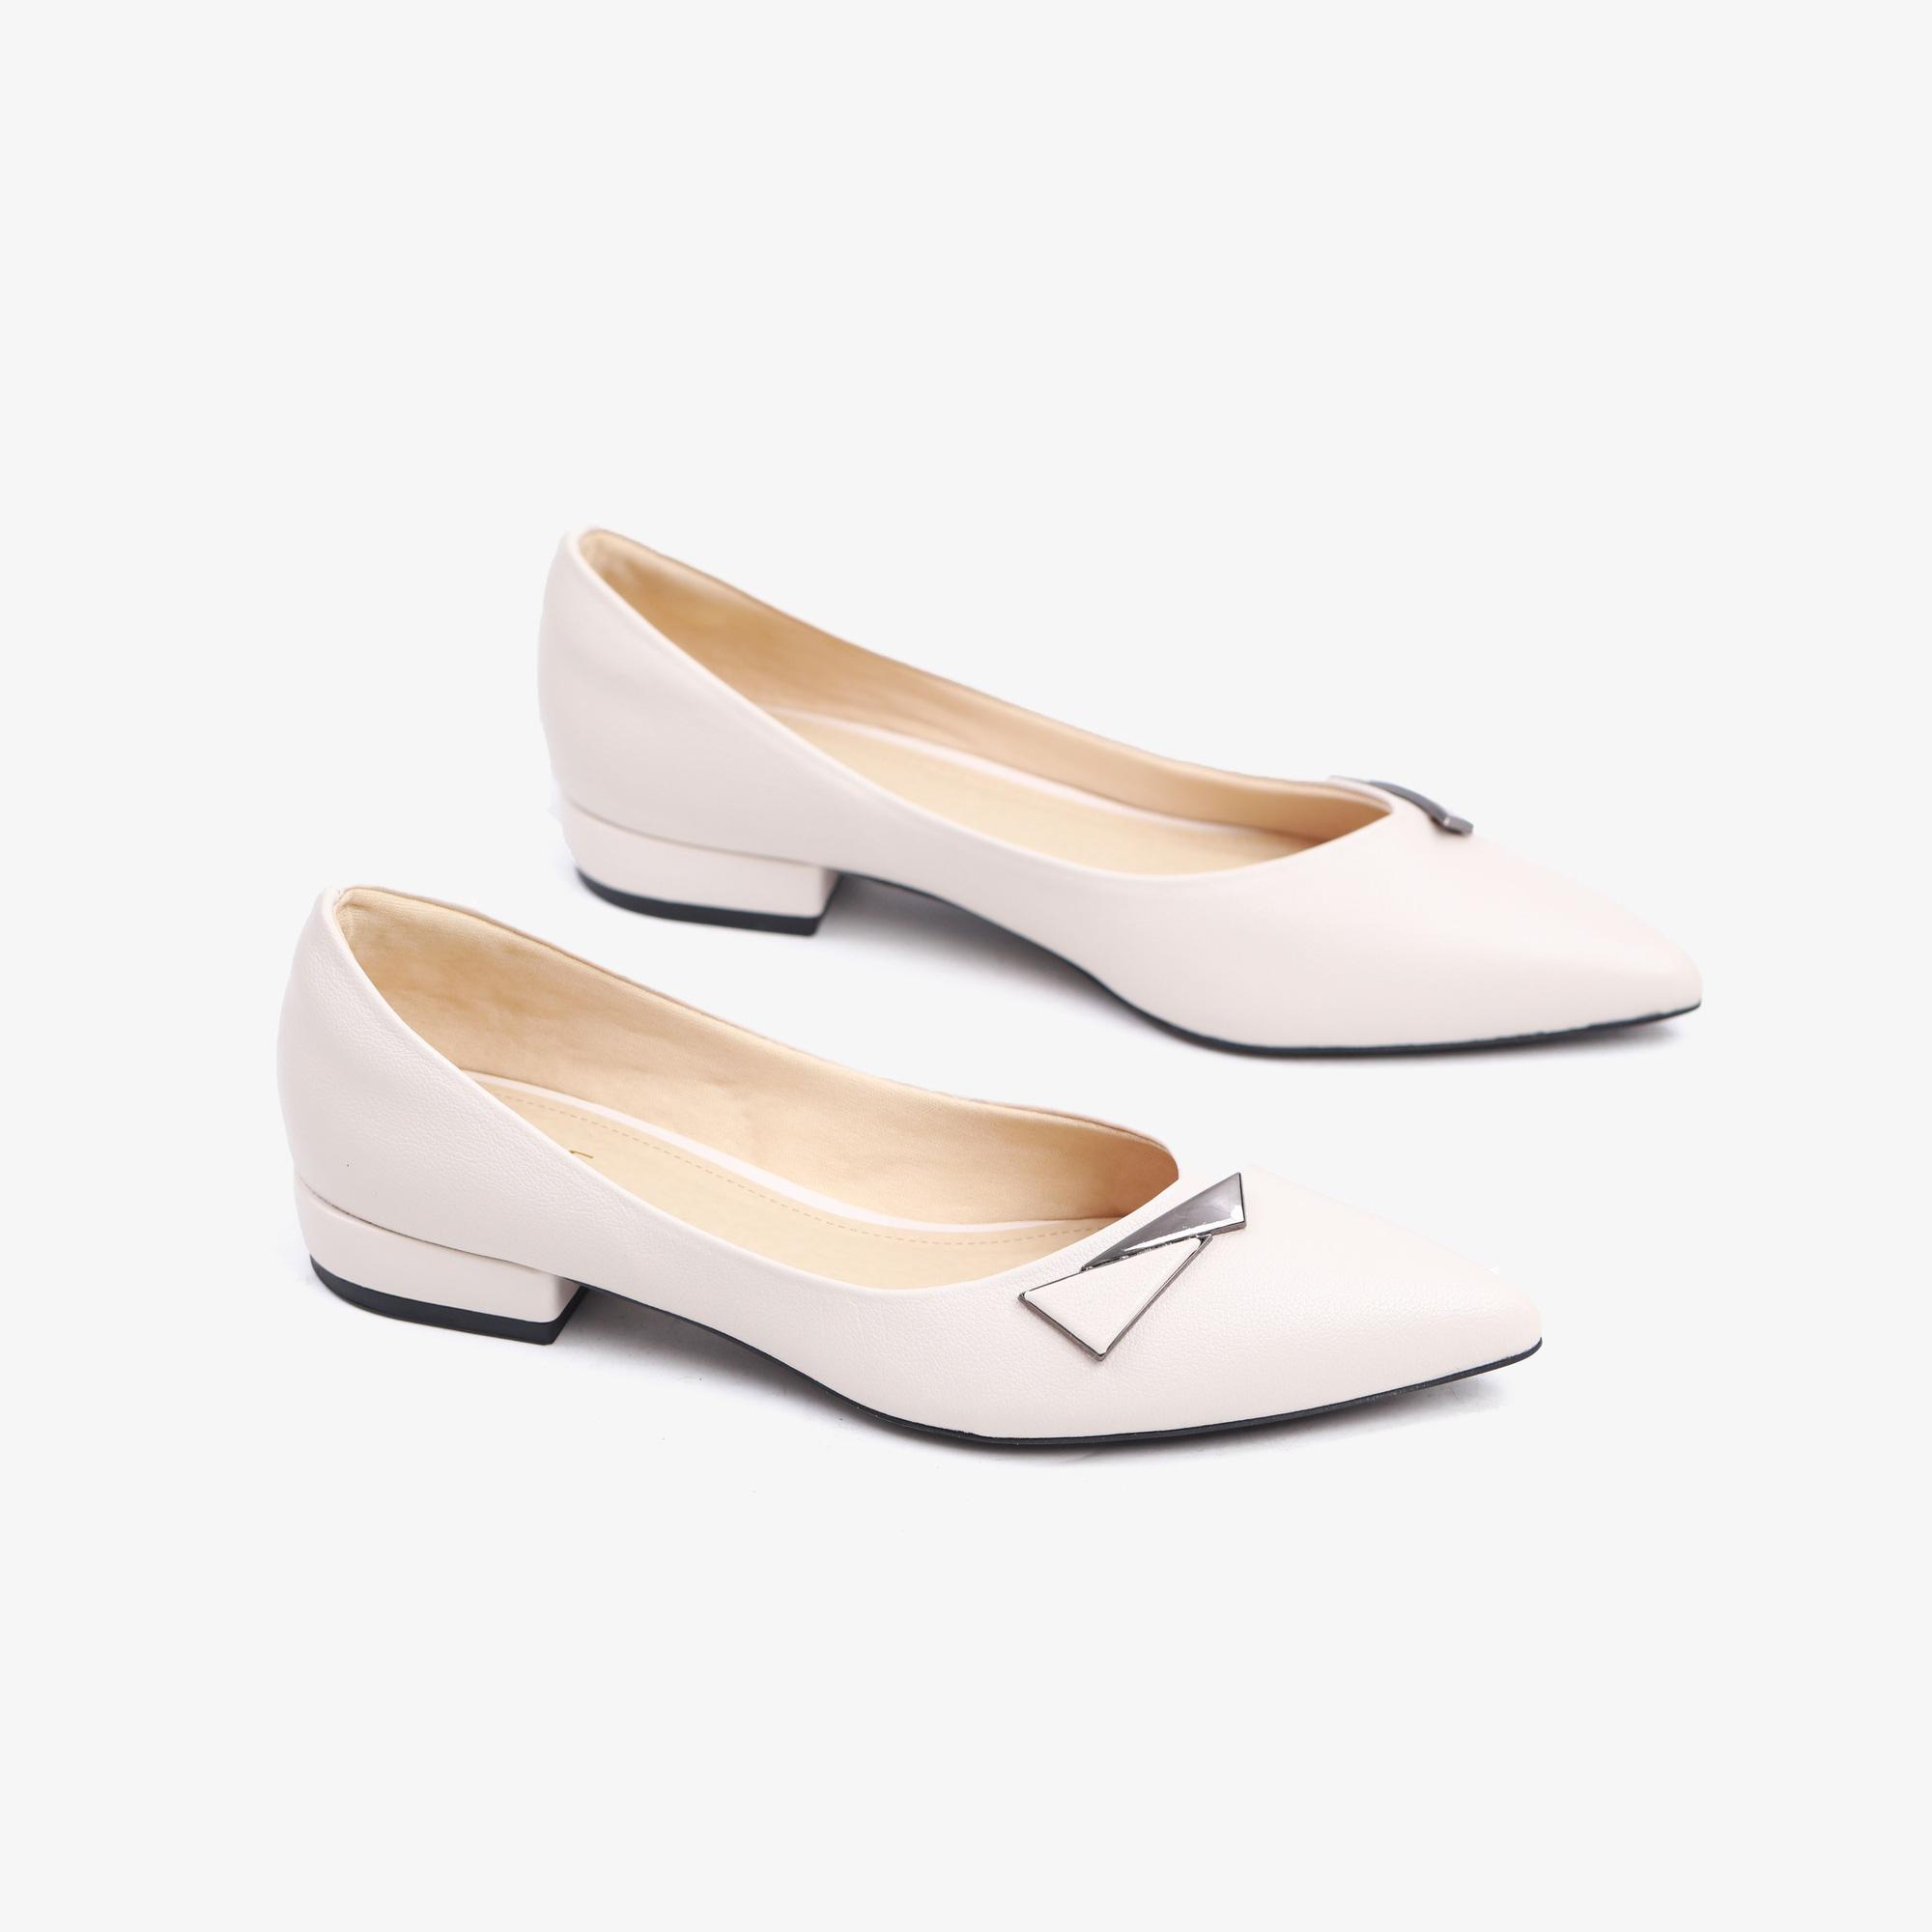 Kiểu giày chân ái của Son Ye Jin: Diện lên vừa hack dáng lại thanh lịch, style công sở sang hơn mấy phần - Ảnh 9.